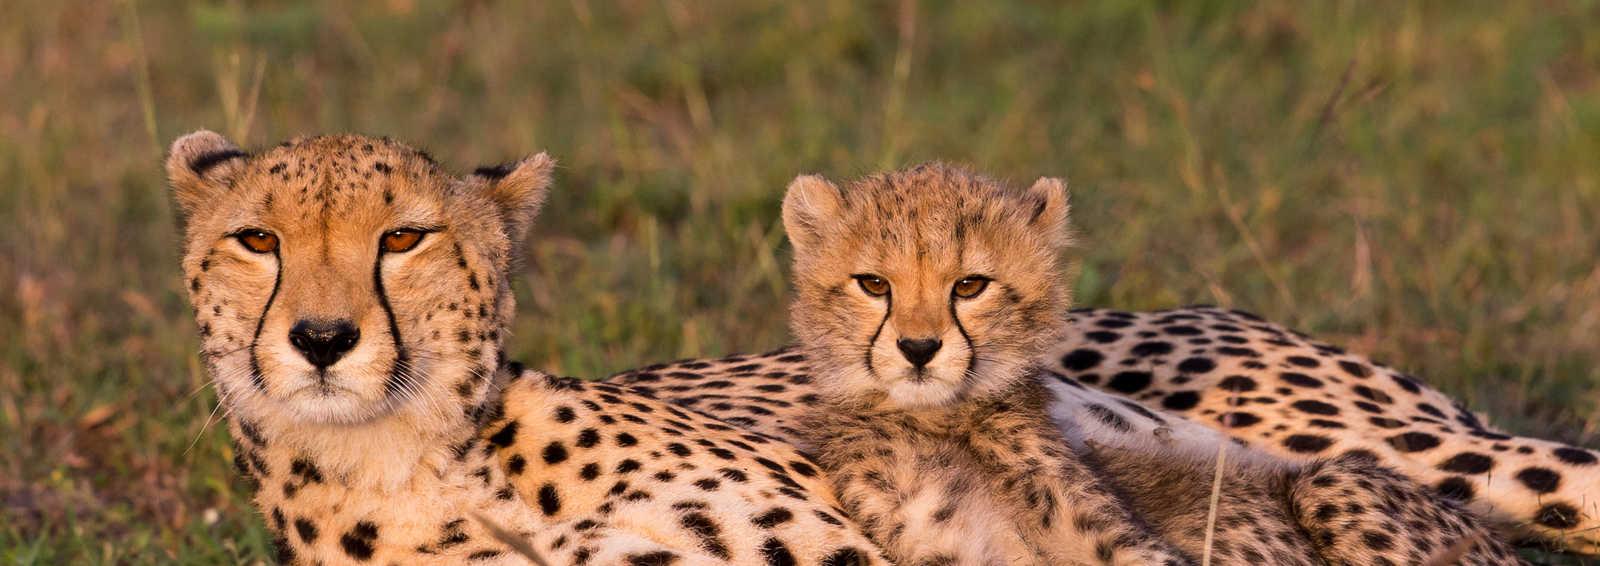 Cheetah and cub, Masai Mara